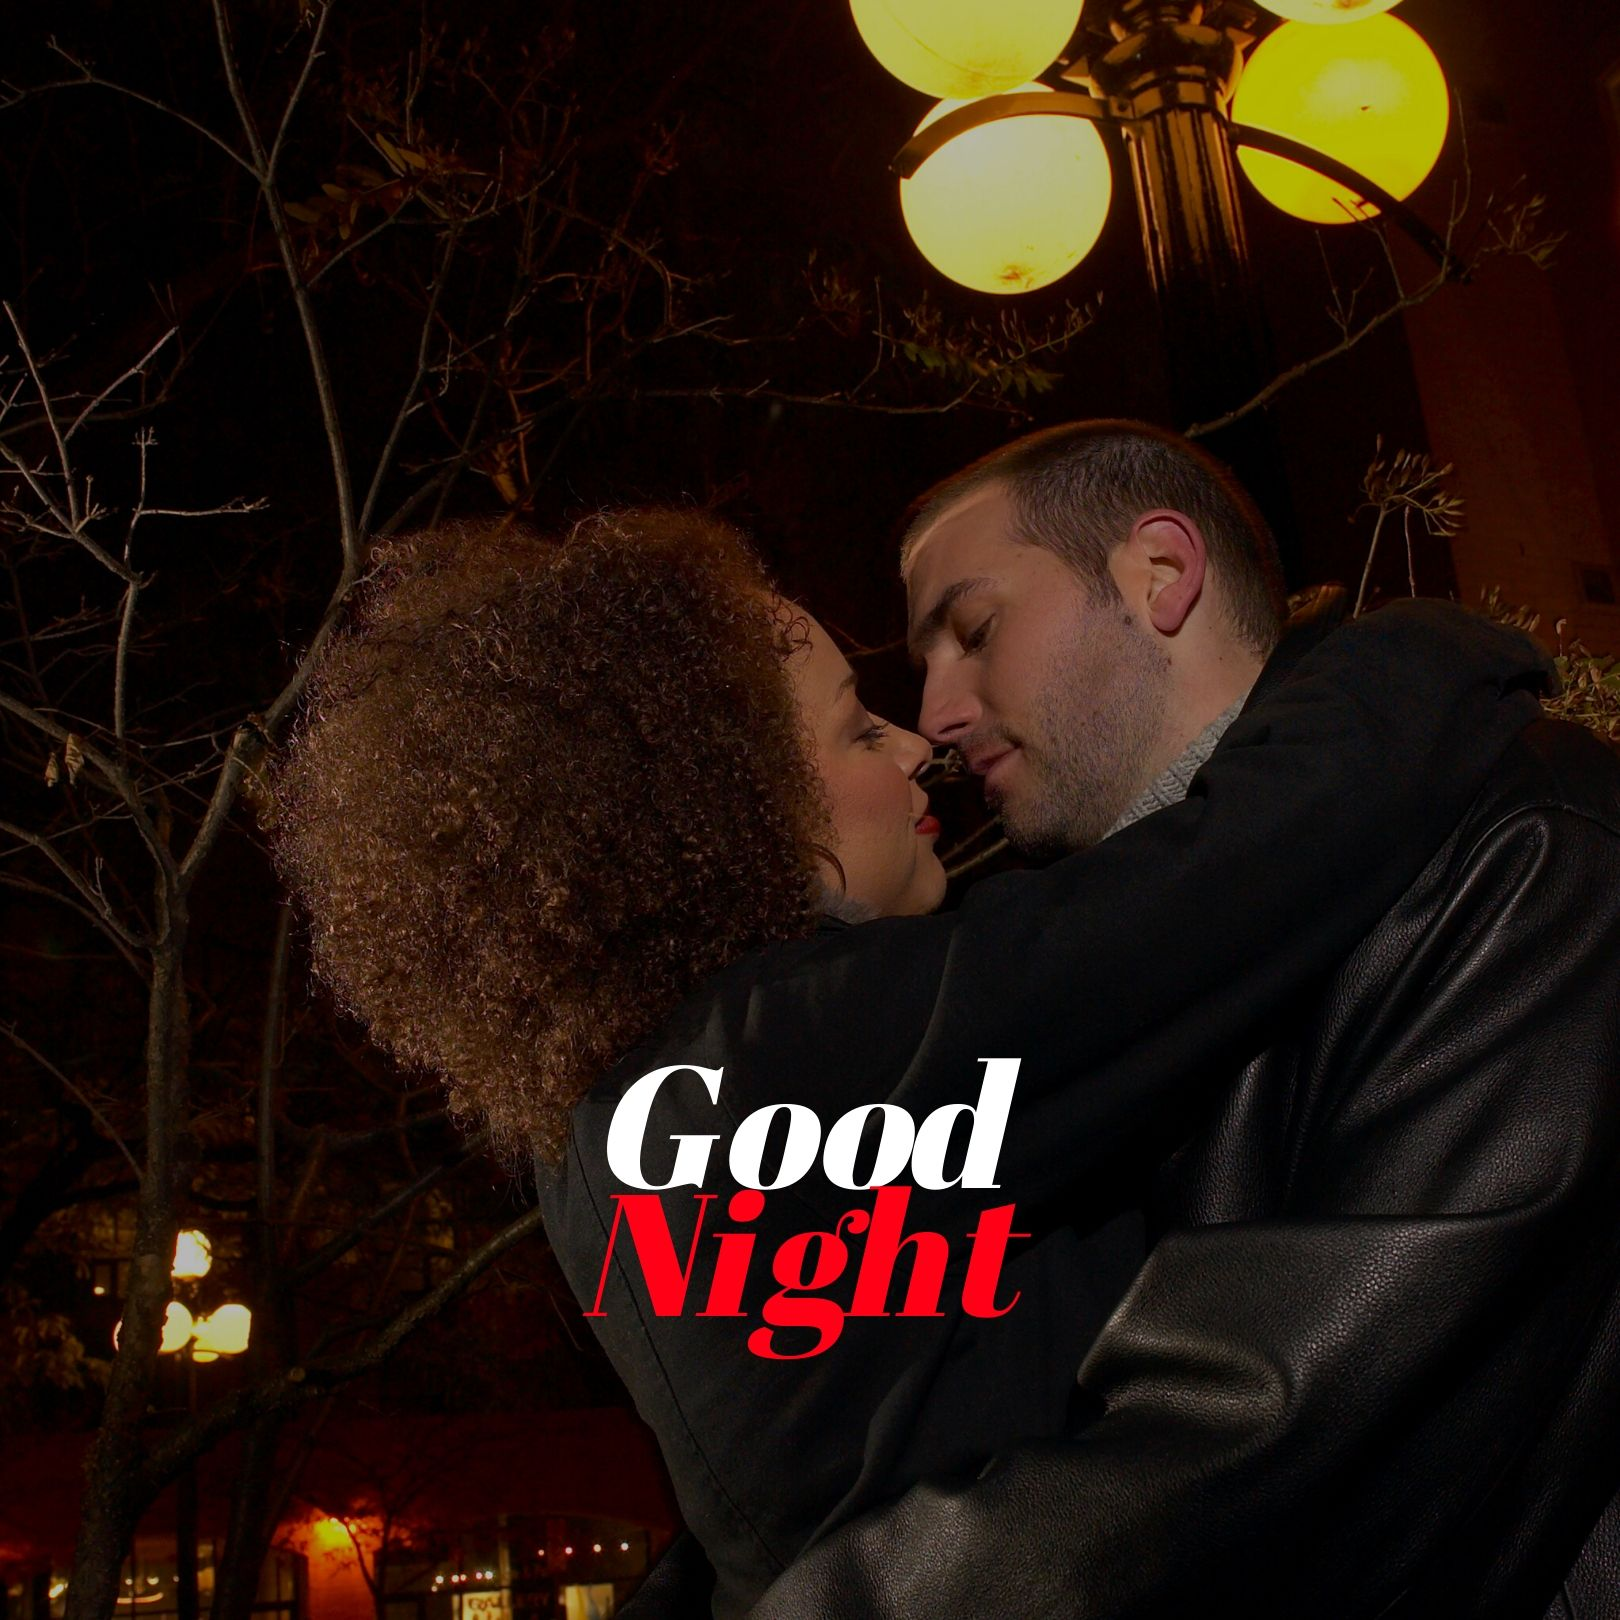 Good Night kiss pic full HD free download.